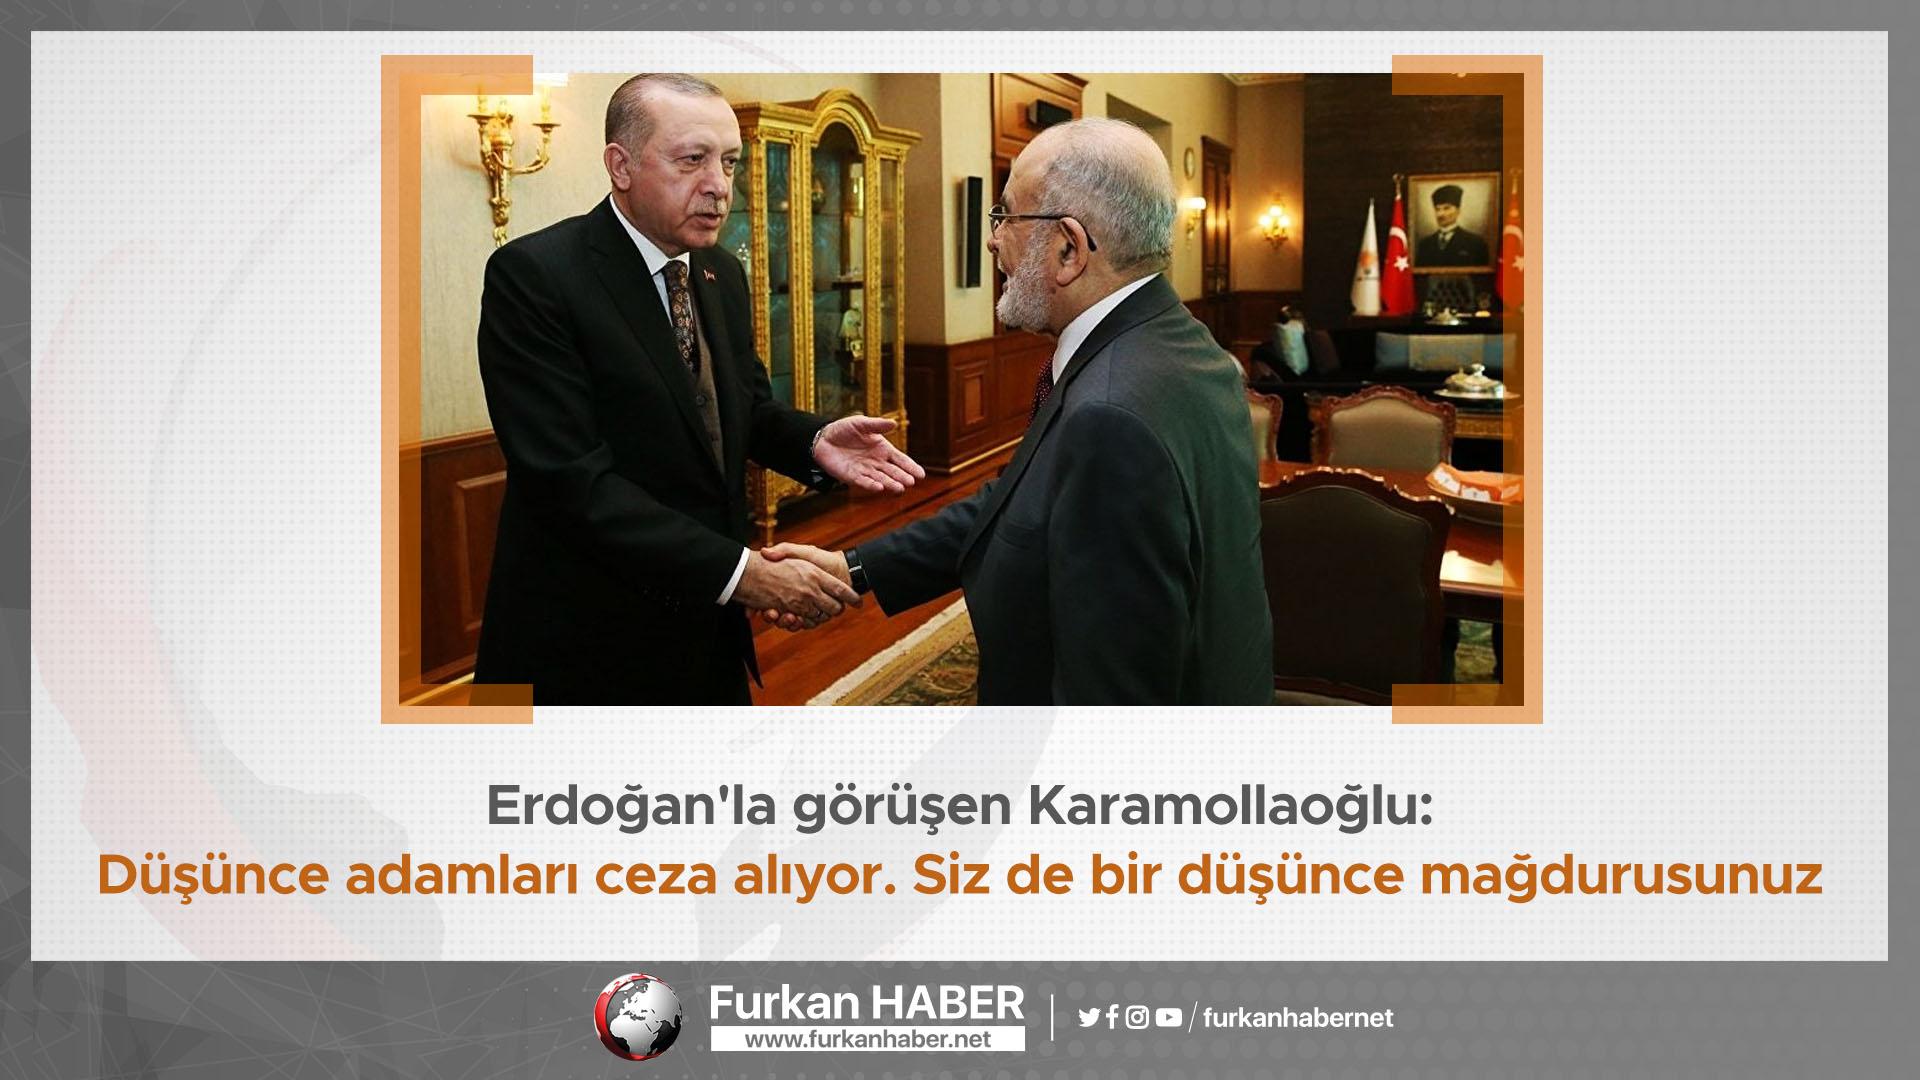 Erdoğan'la görüşen Karamollaoğlu: Düşünce adamları ceza alıyor. Siz de bir düşünce mağdurusunuz